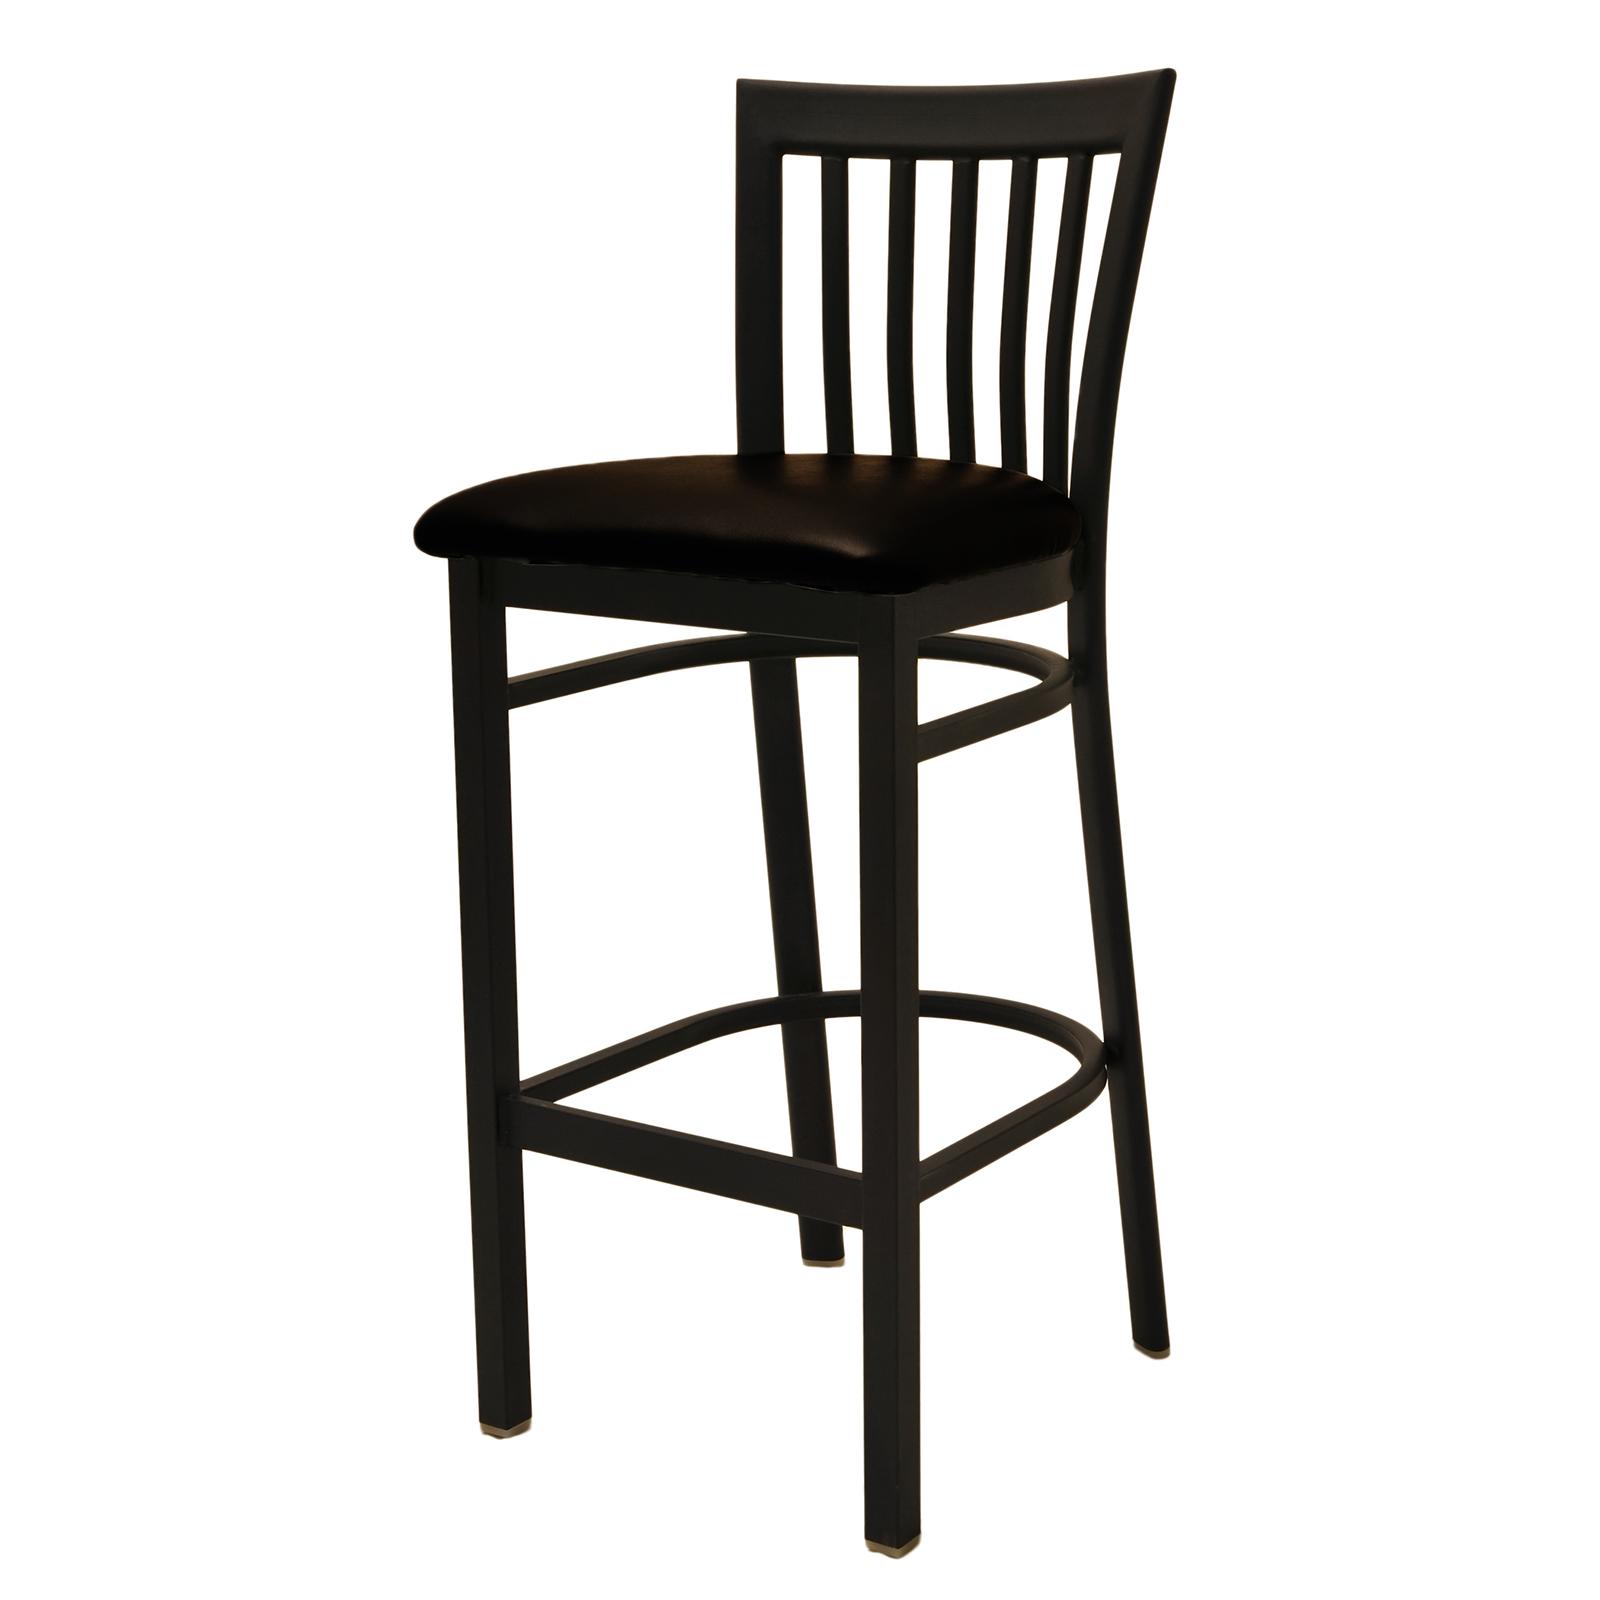 Oak Street SL4279-1 bar stool, indoor